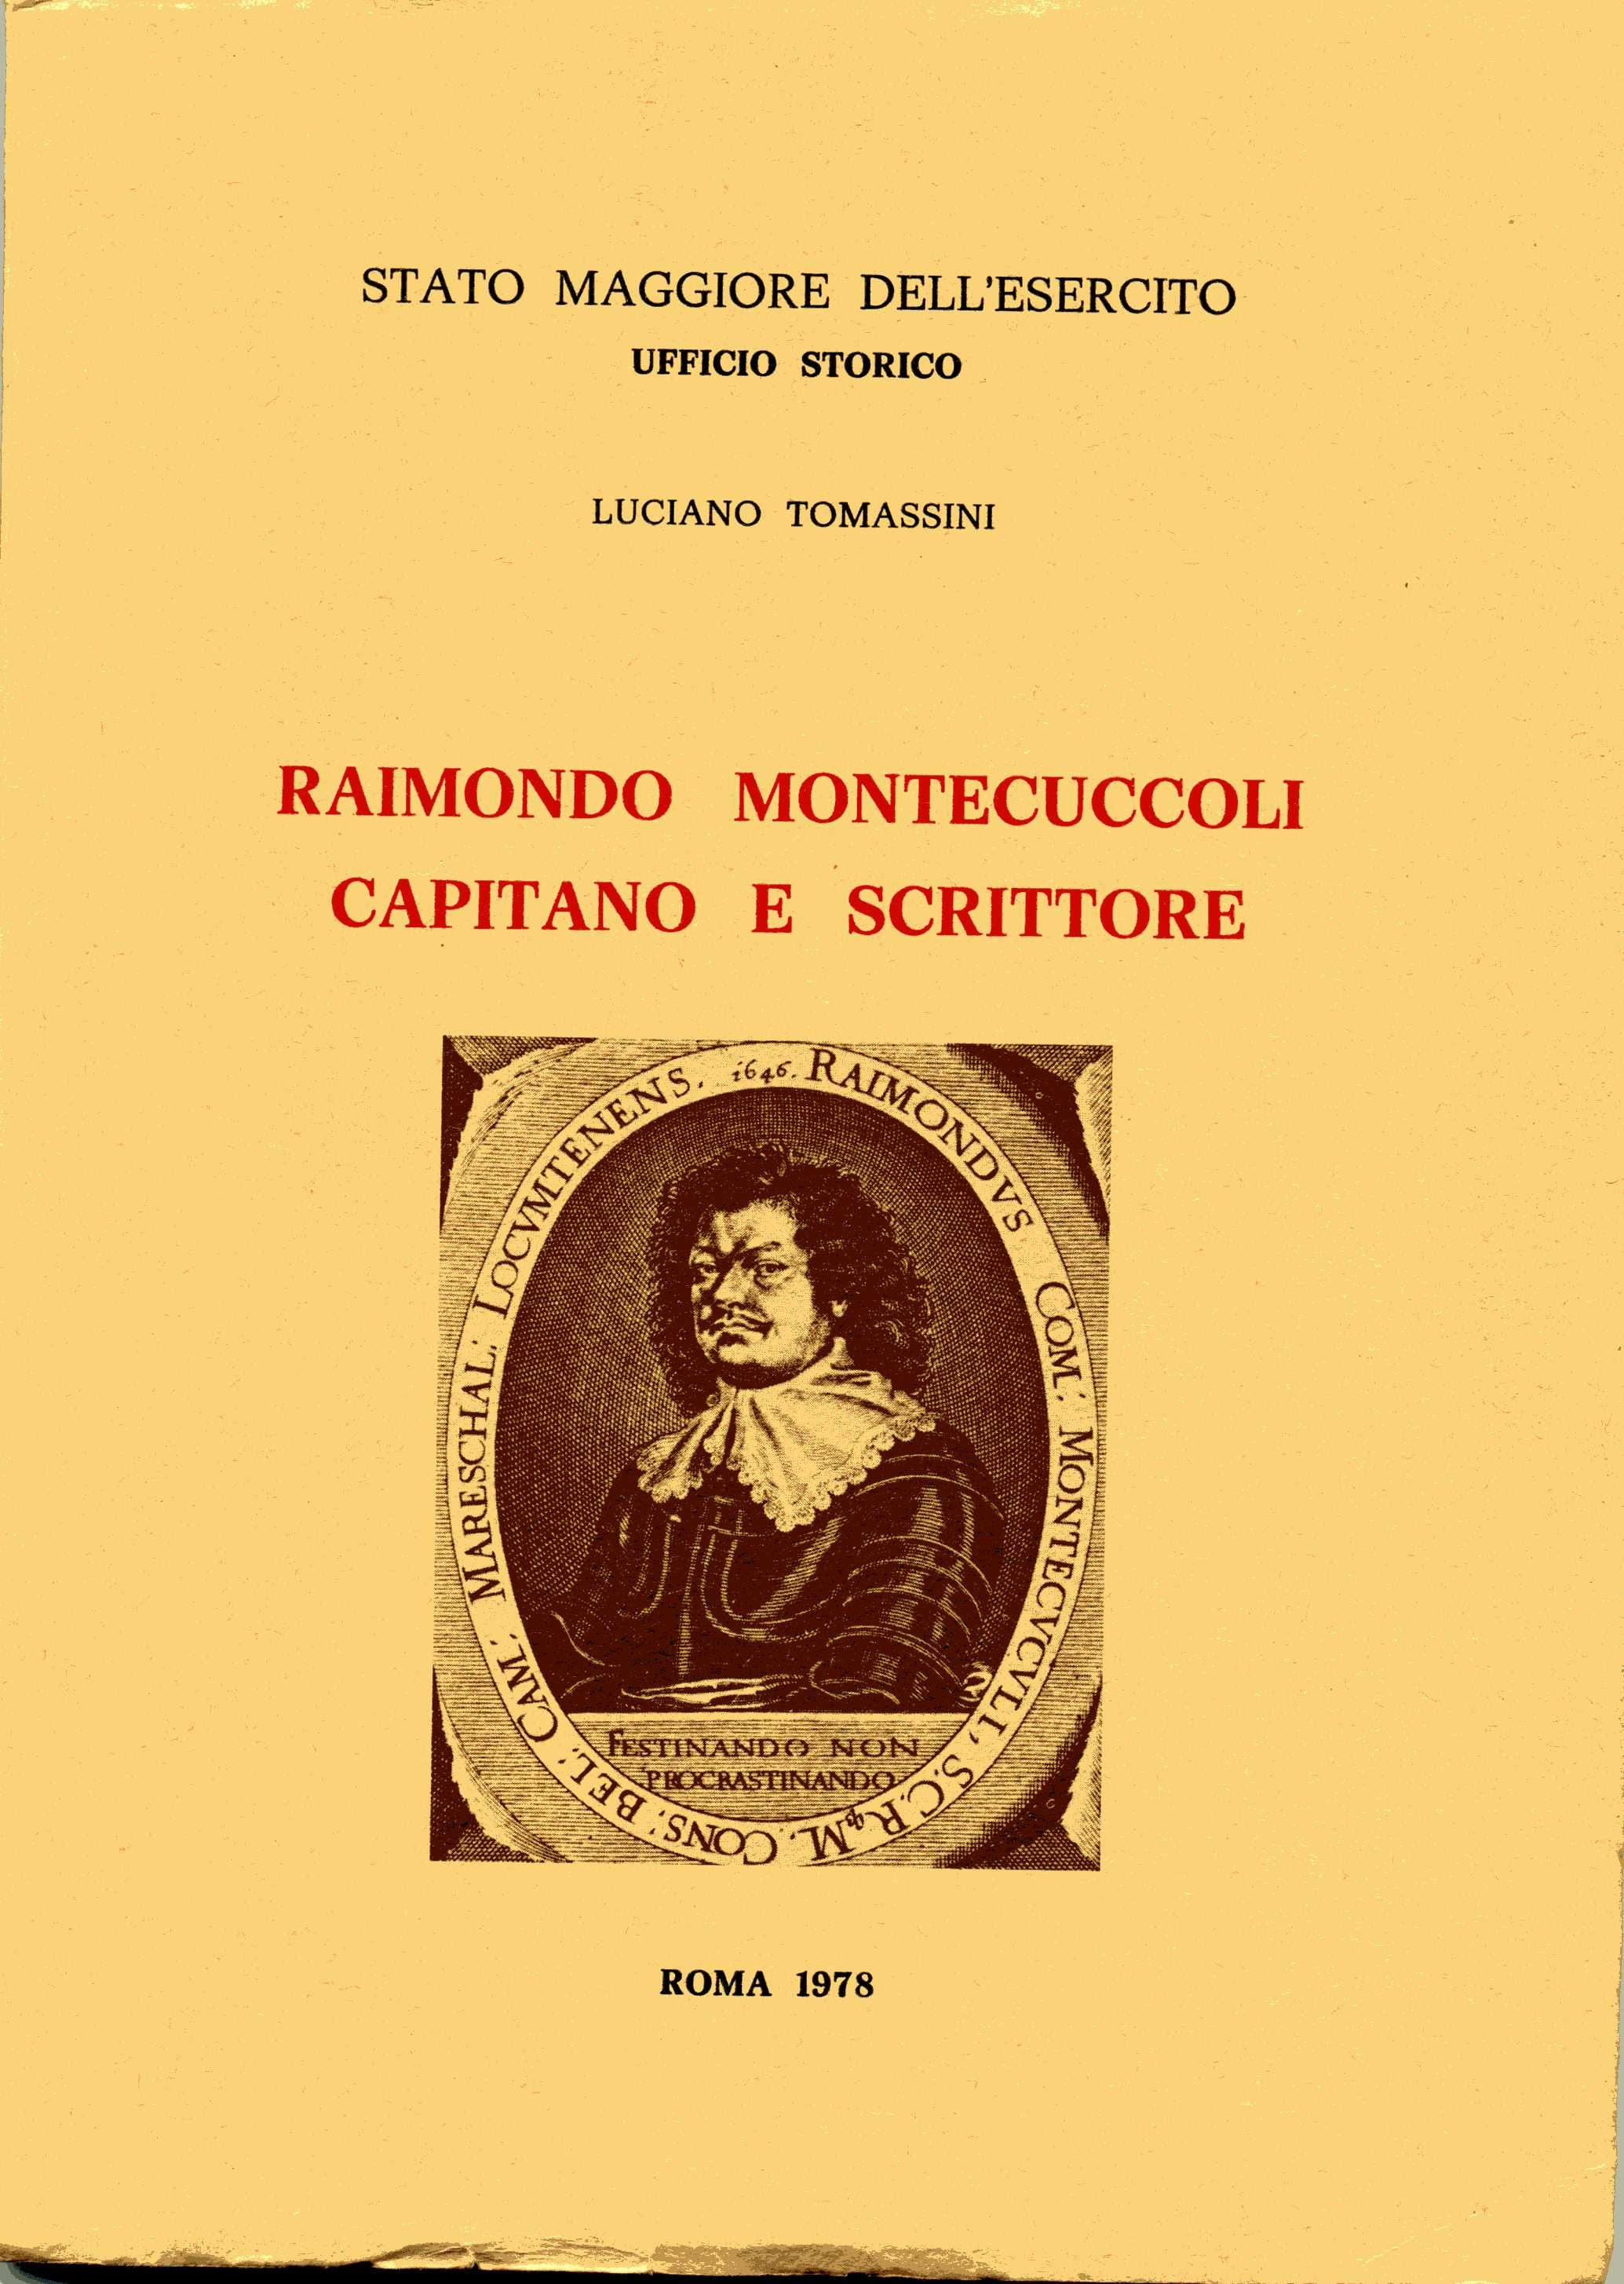 Raimondo Montecuccoli Capitano e scrittore